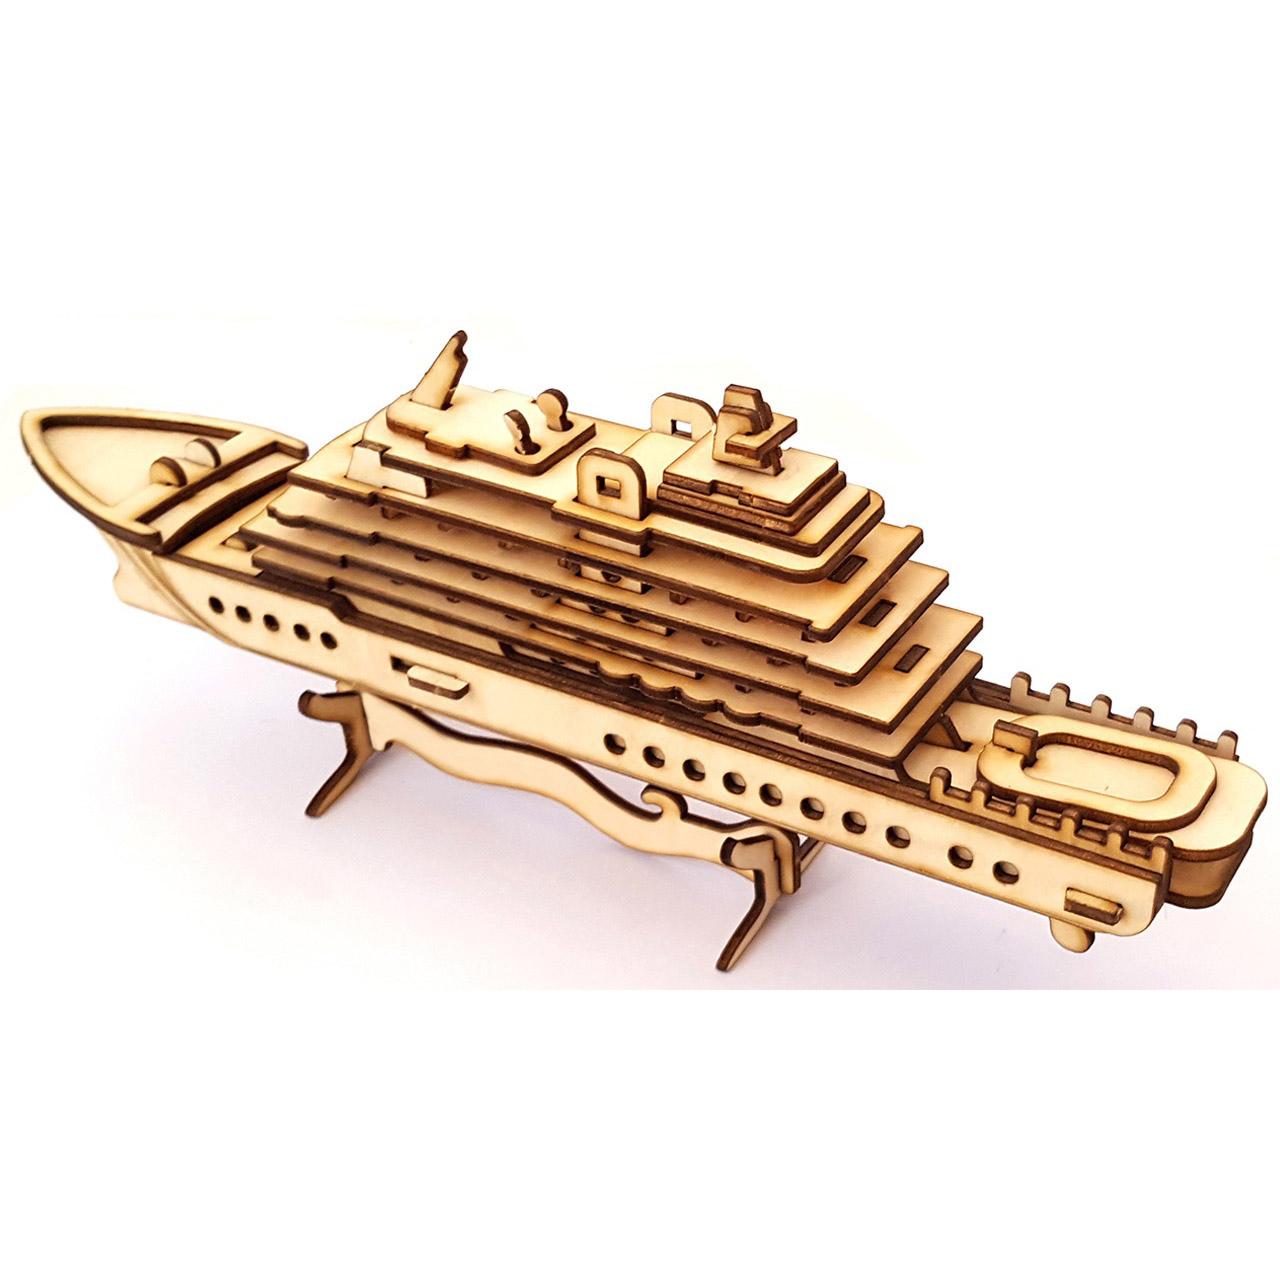 پازل سه بعدی چوبی برتاریو مدل Cruise Boat